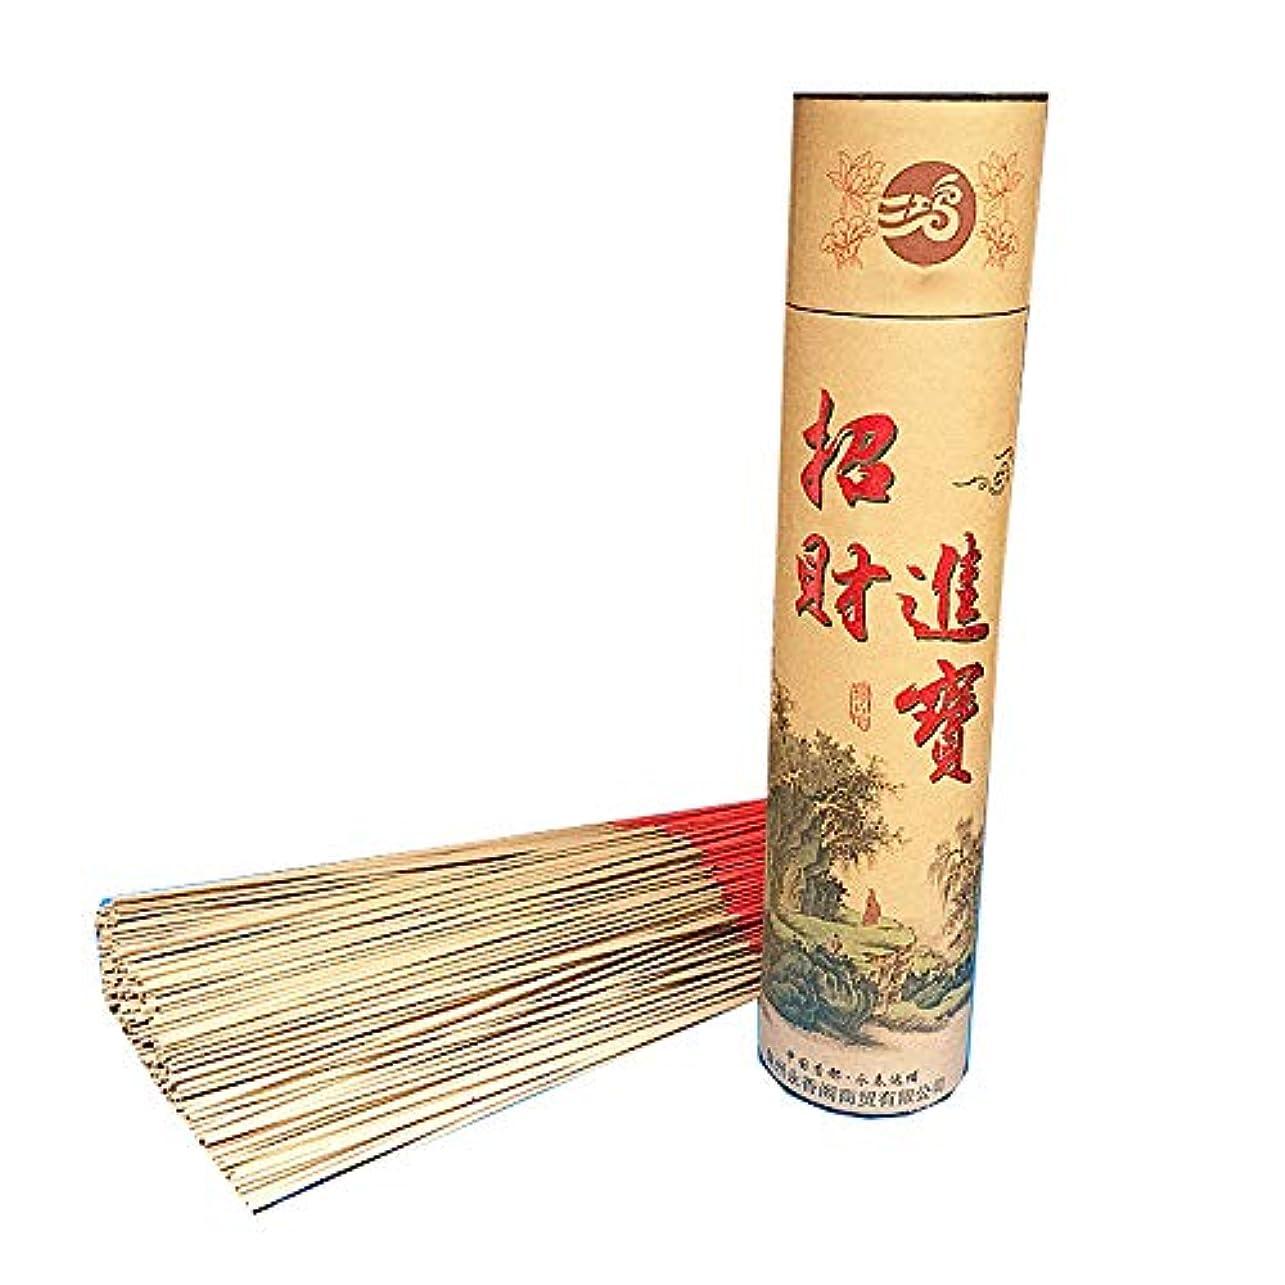 ガジュマルわな起きてZeeStar チャイニーズジョススティック 無香 香料 香りなし 香りつき 香りつき ジョススティック 13インチ(480本)